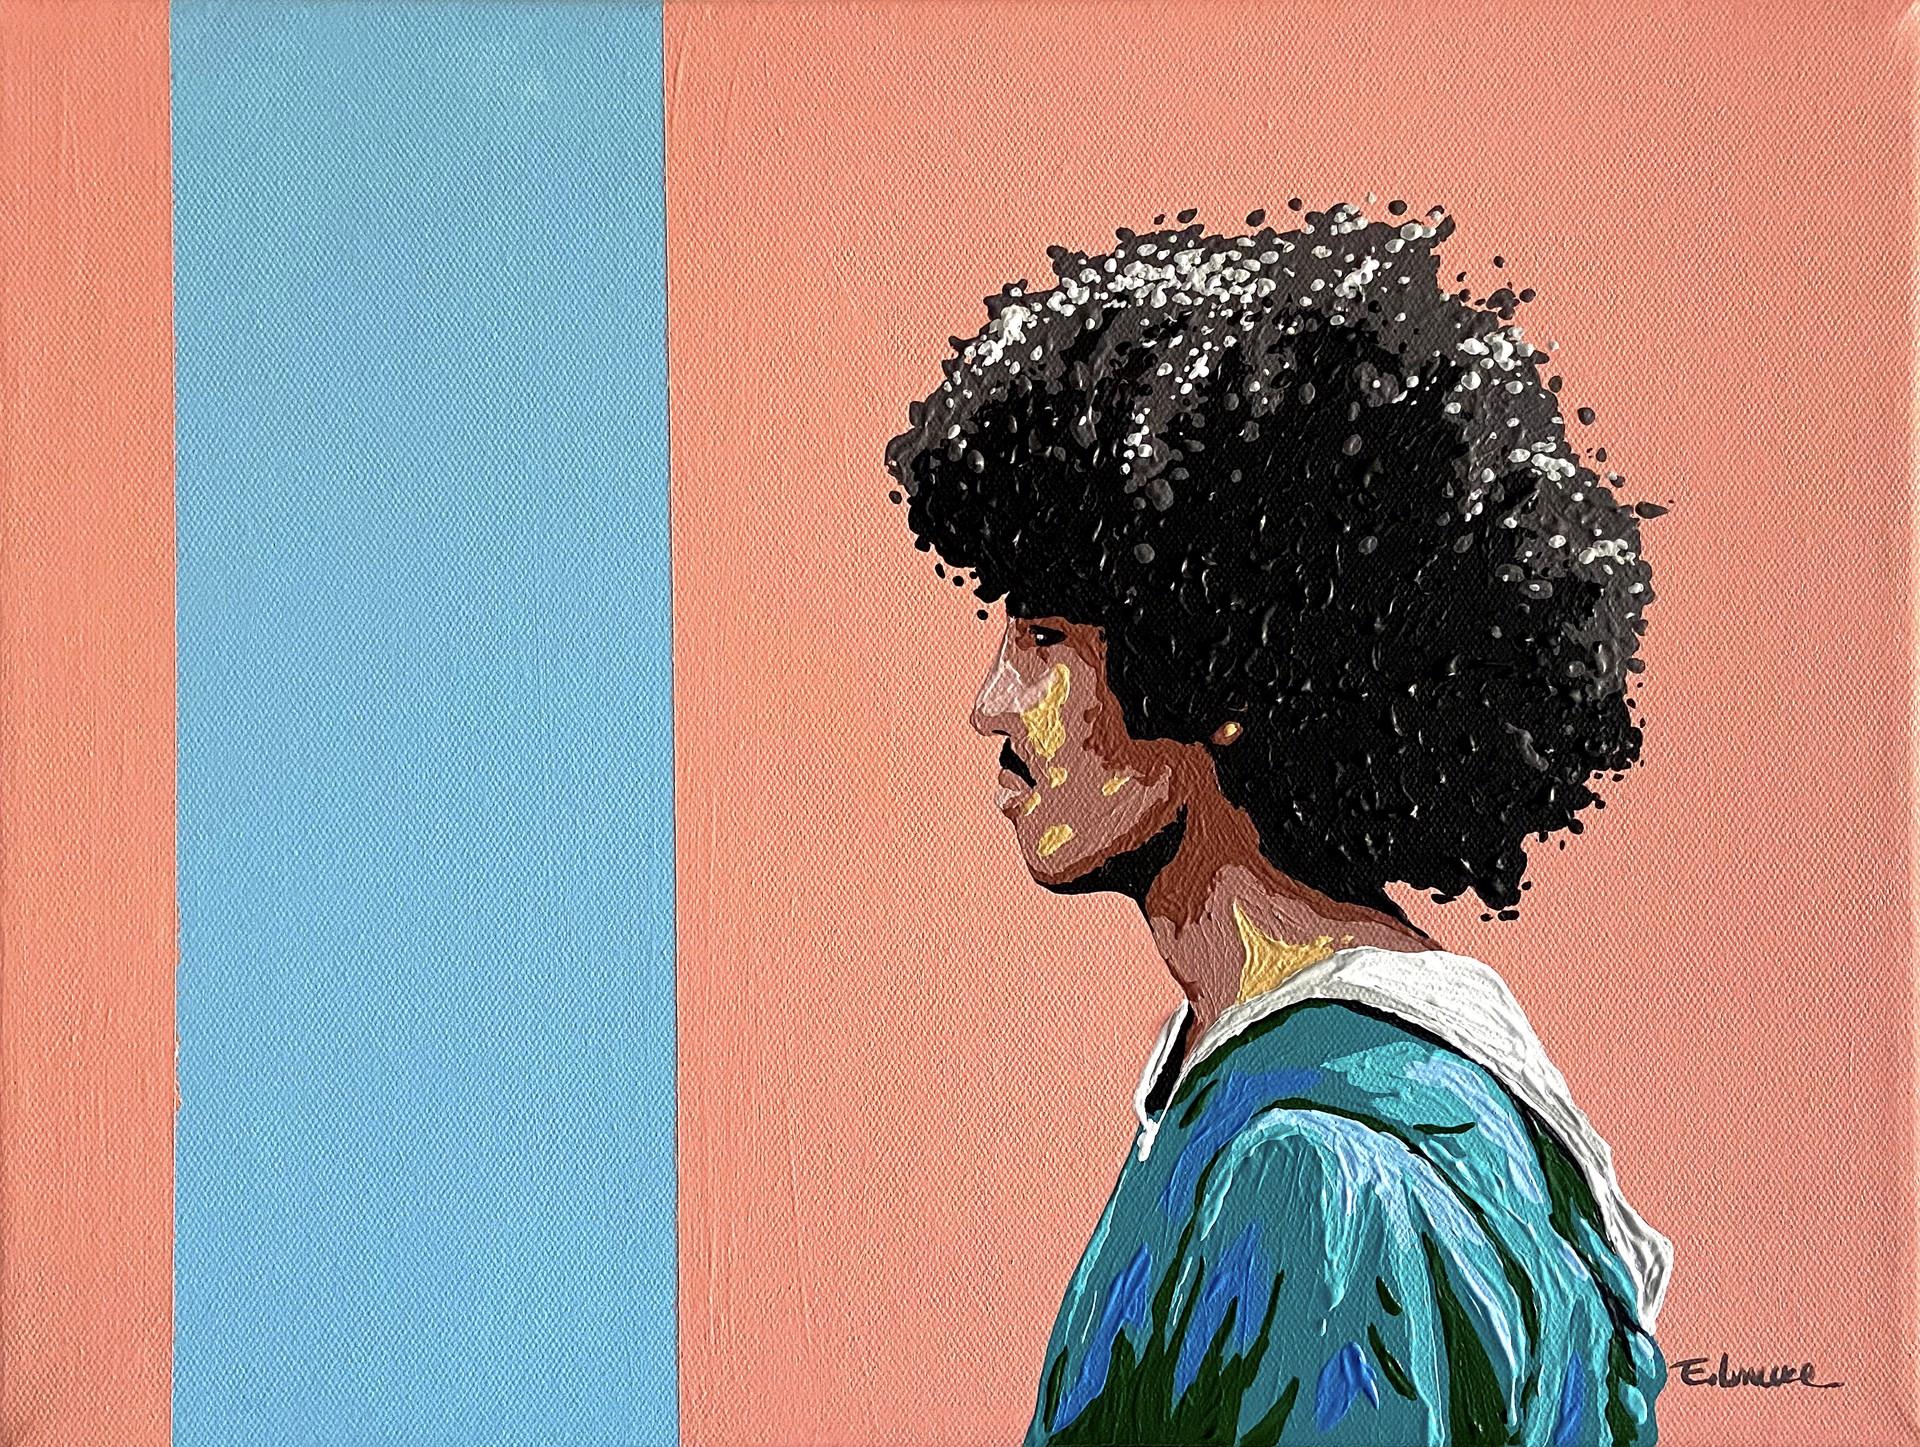 Volver en el tiempo by Eileen Lunecke